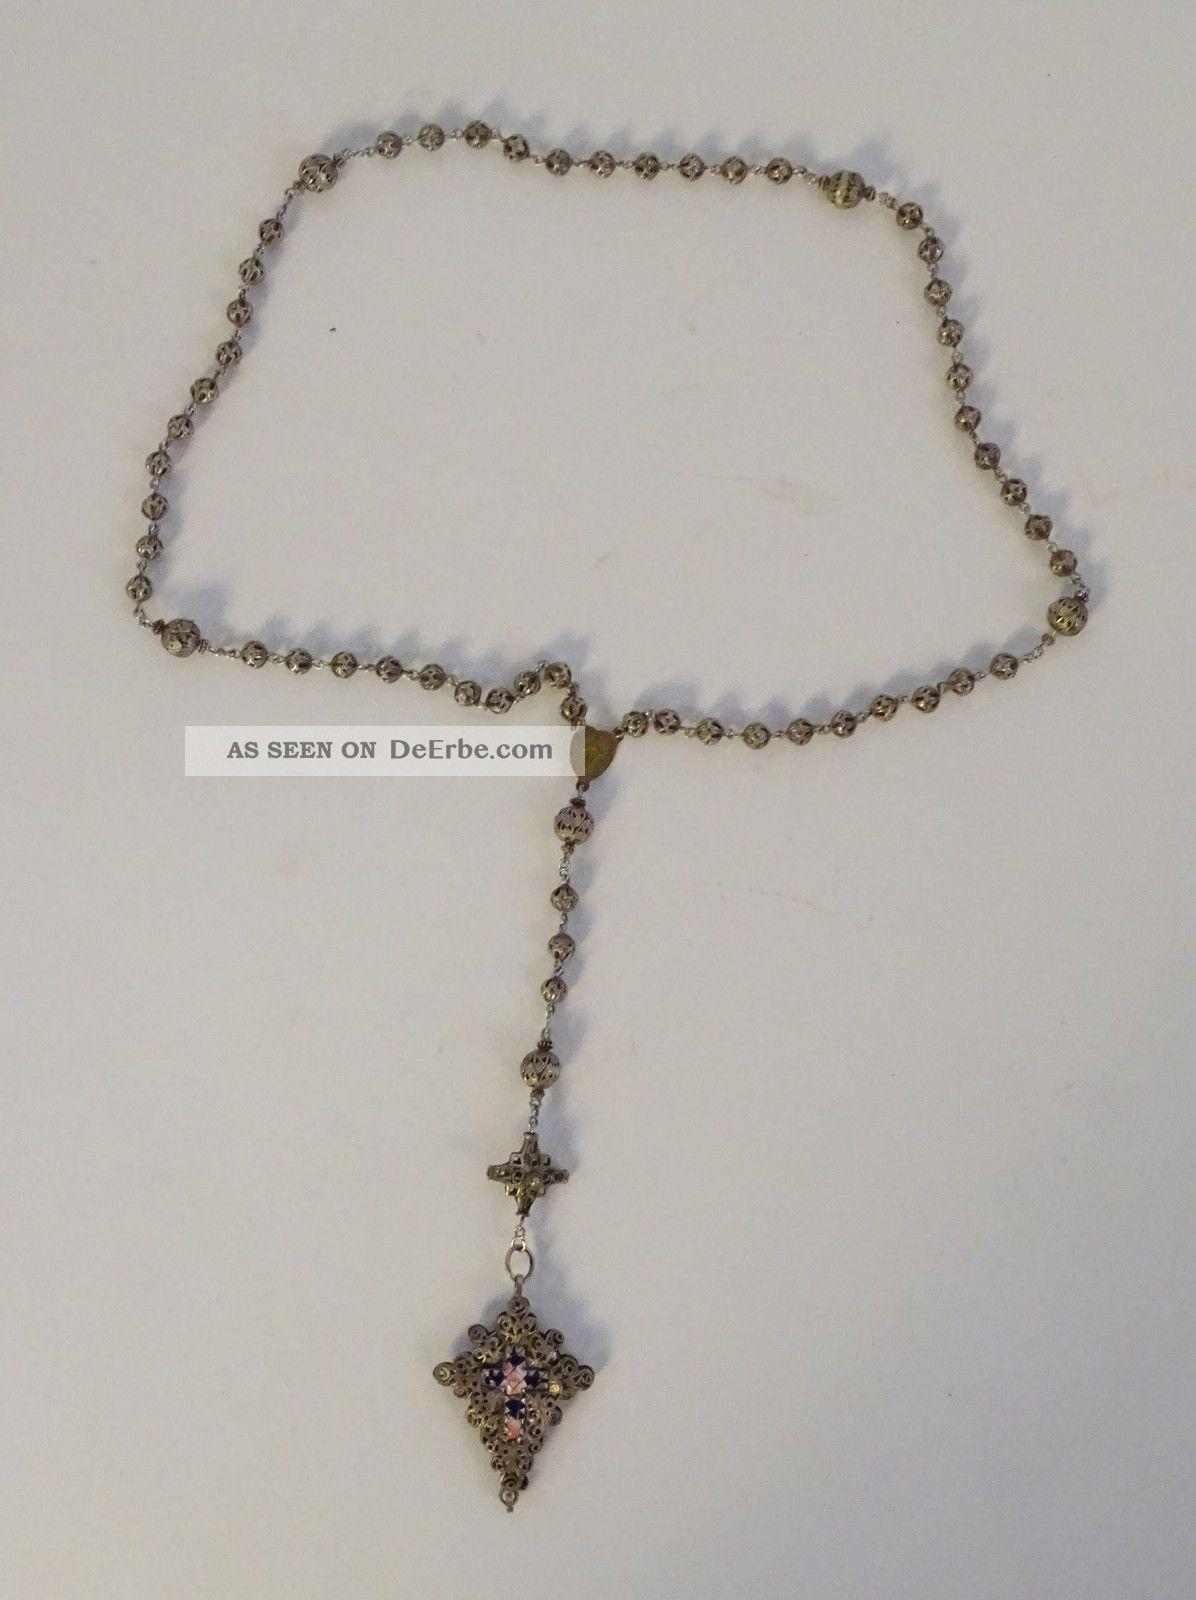 Ausgefallener Antiker Rosenkranz Großes Kreuz Blau Silber Religiöse Volkskunst Rosenkränze Bild